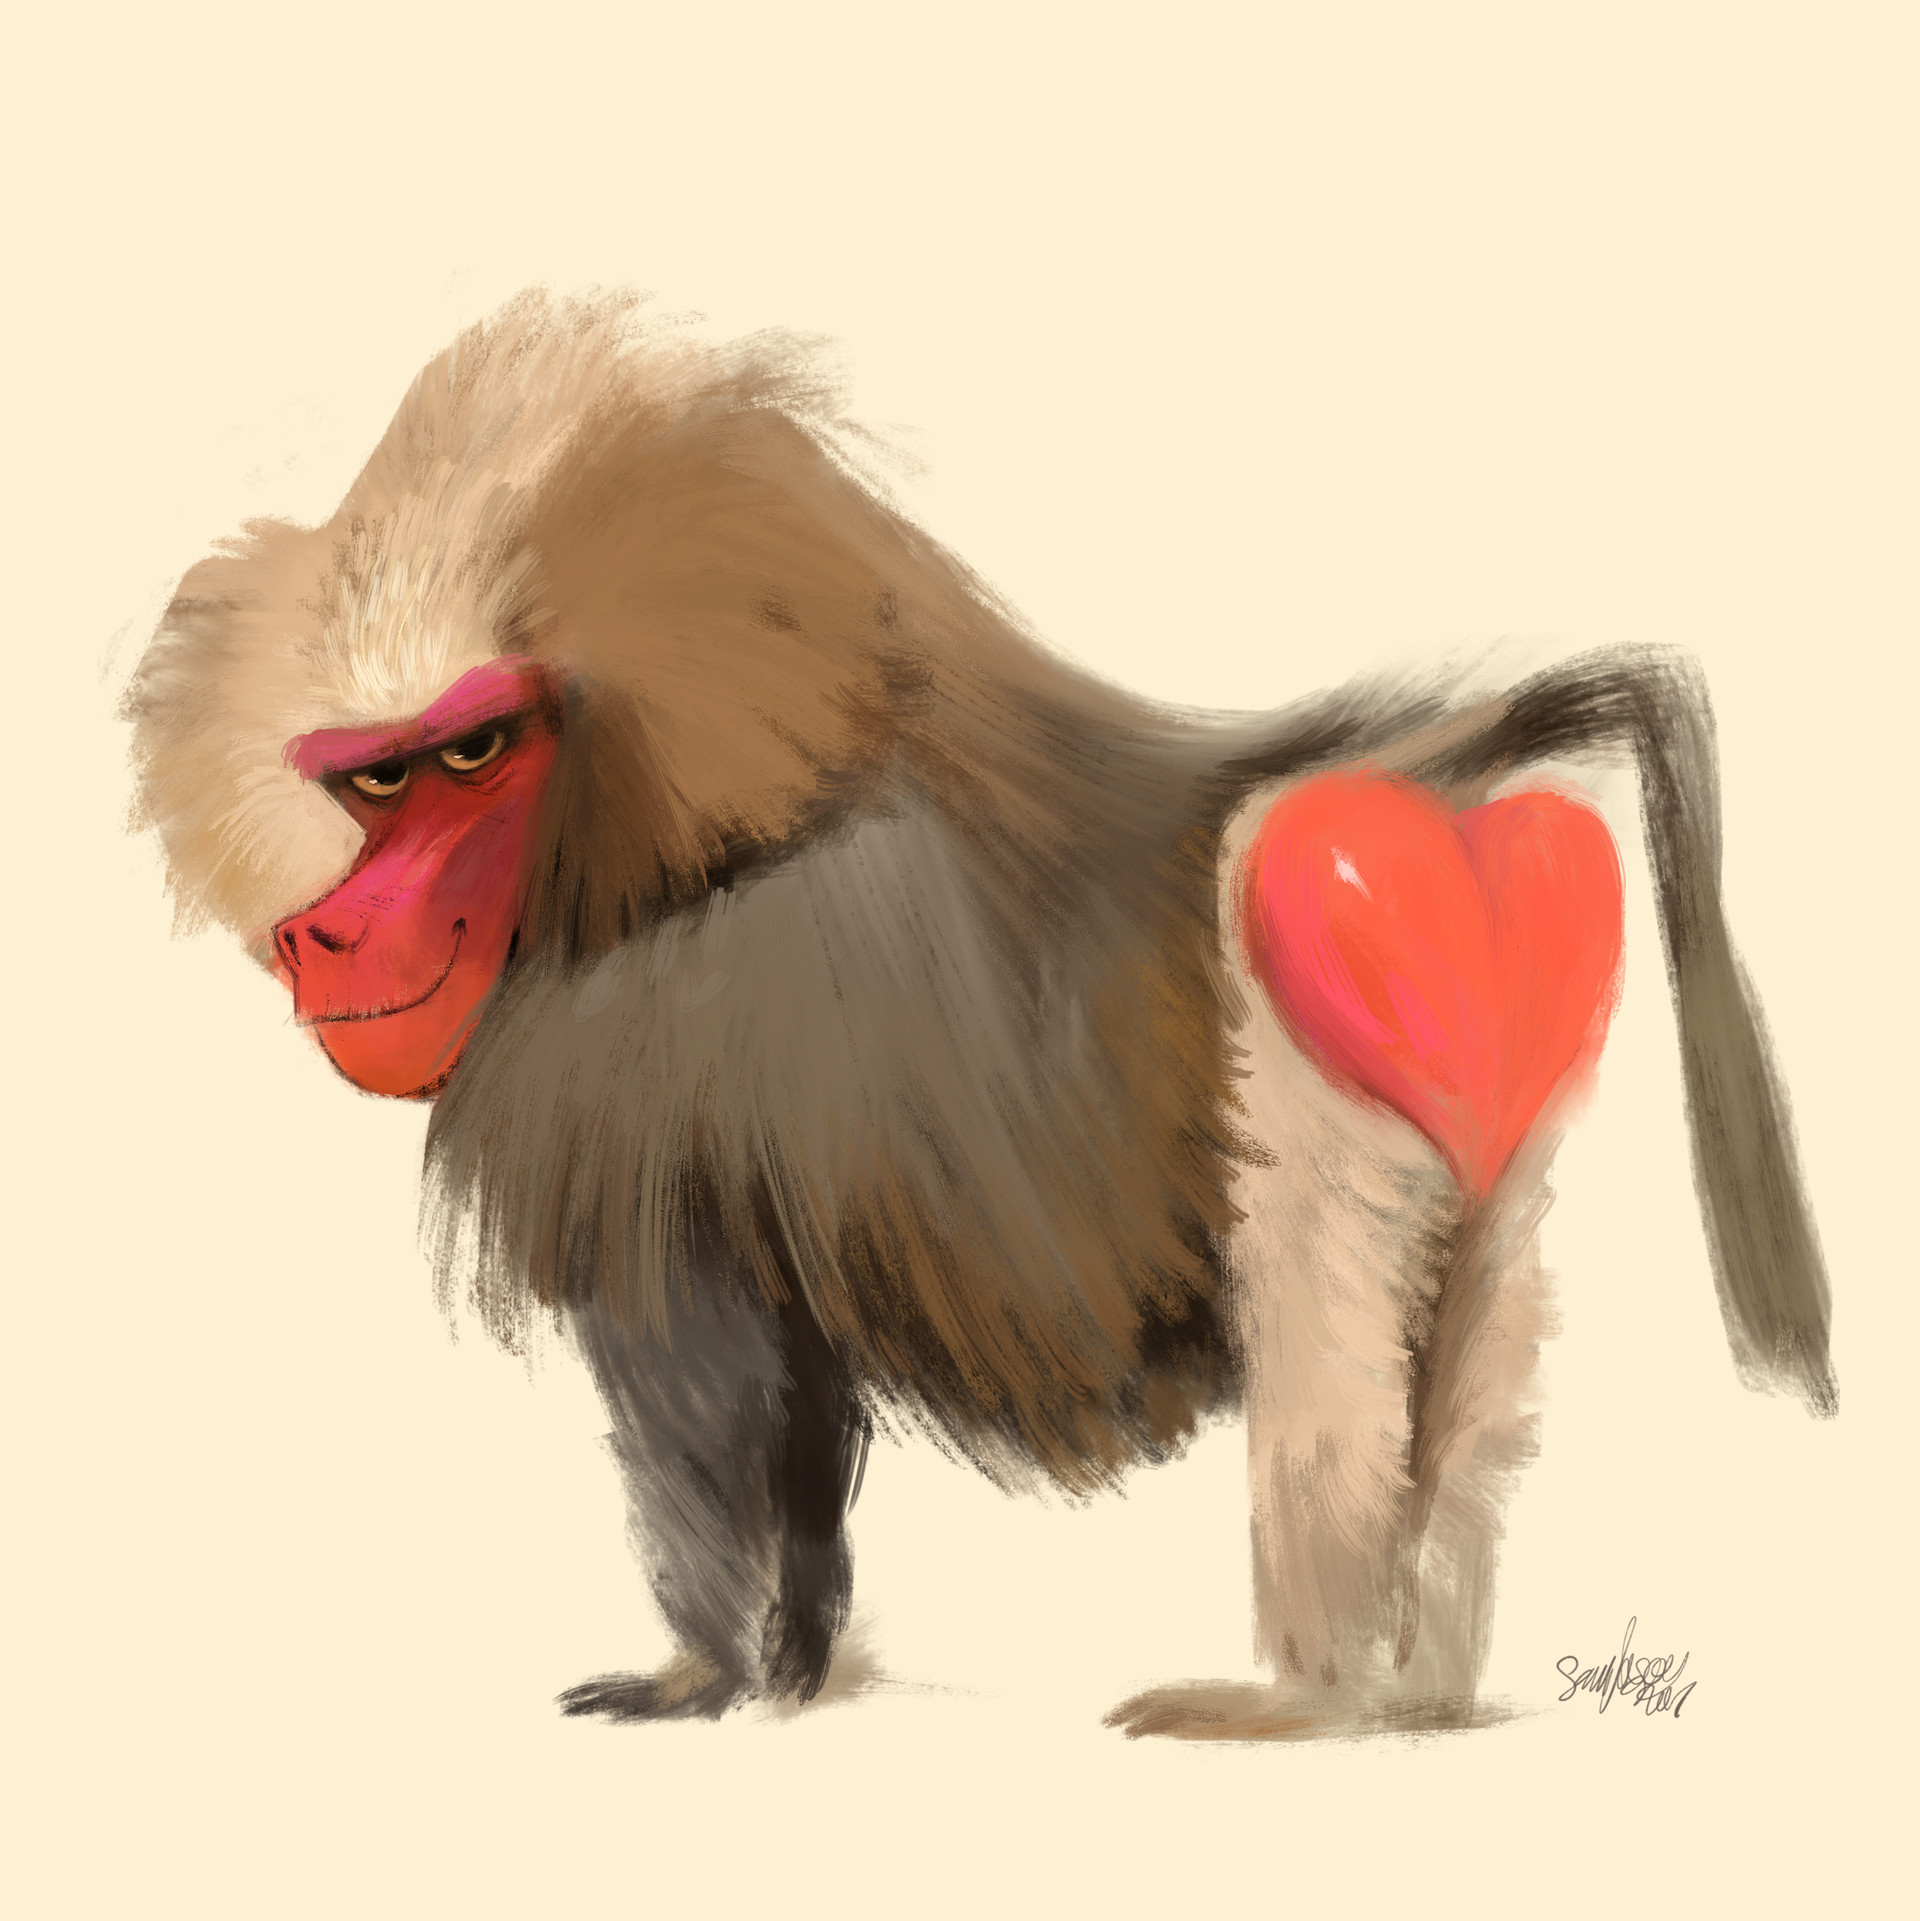 Sam nassour baboonluv